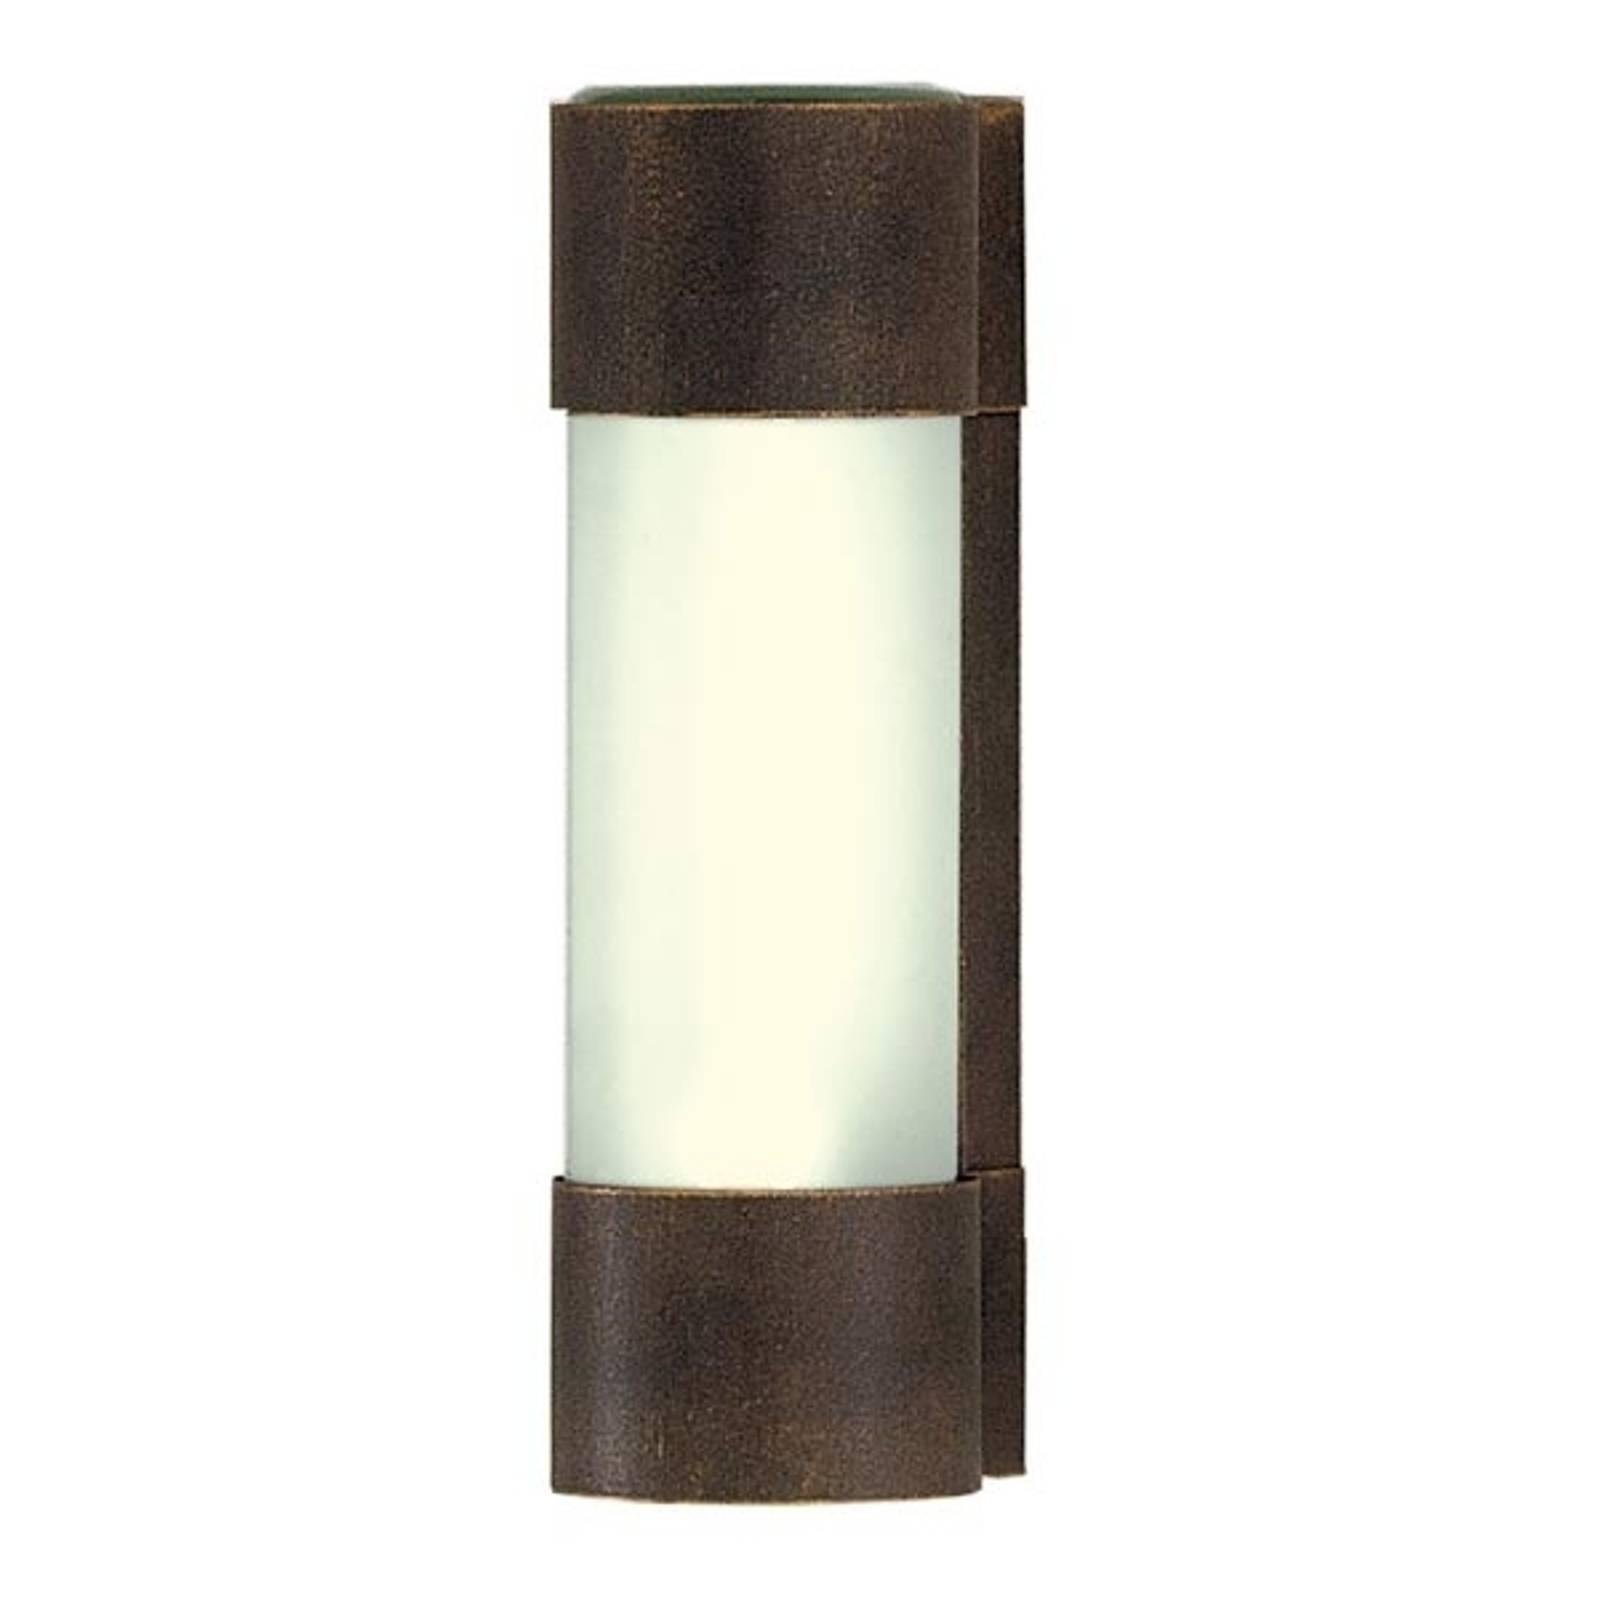 Wandlamp NEPTO bruin-goud gepatineerd